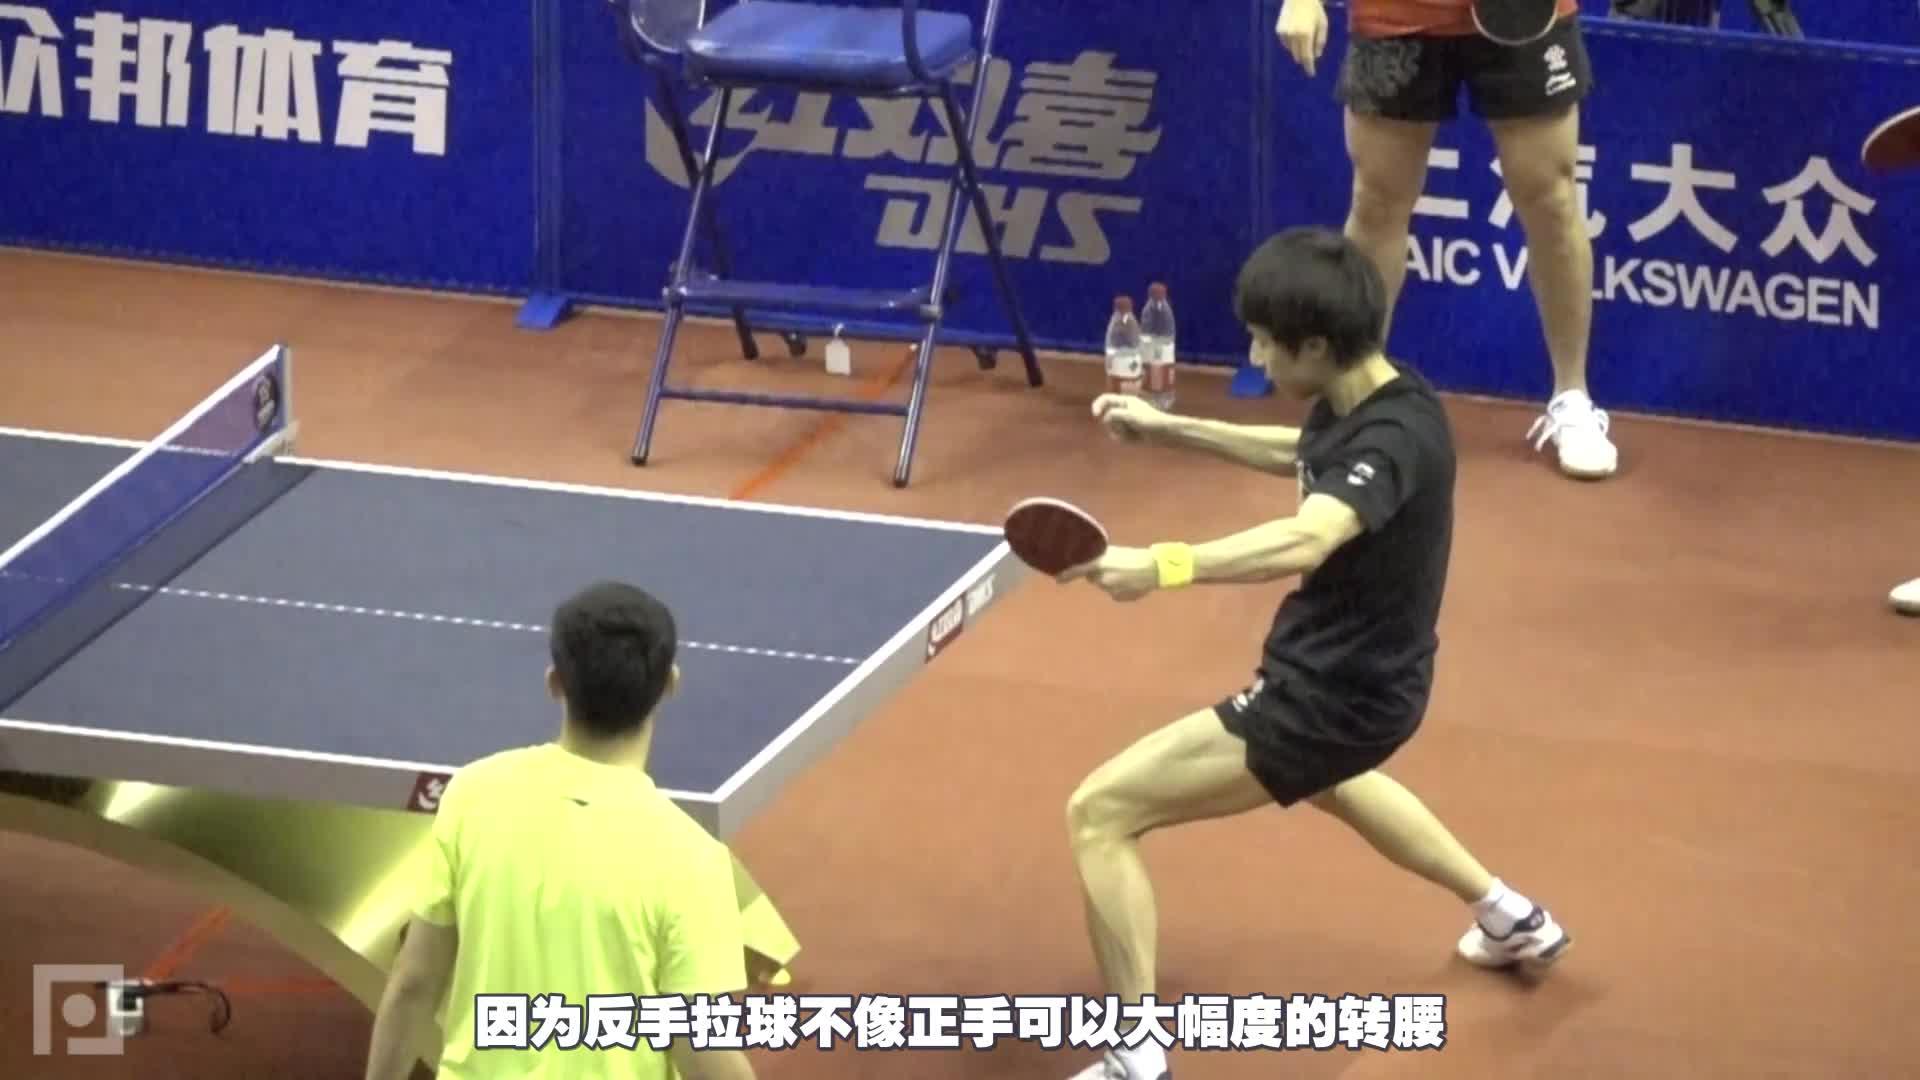 反手引拍空间有限,反手拉球时身体要有这种感觉,才能发力充分